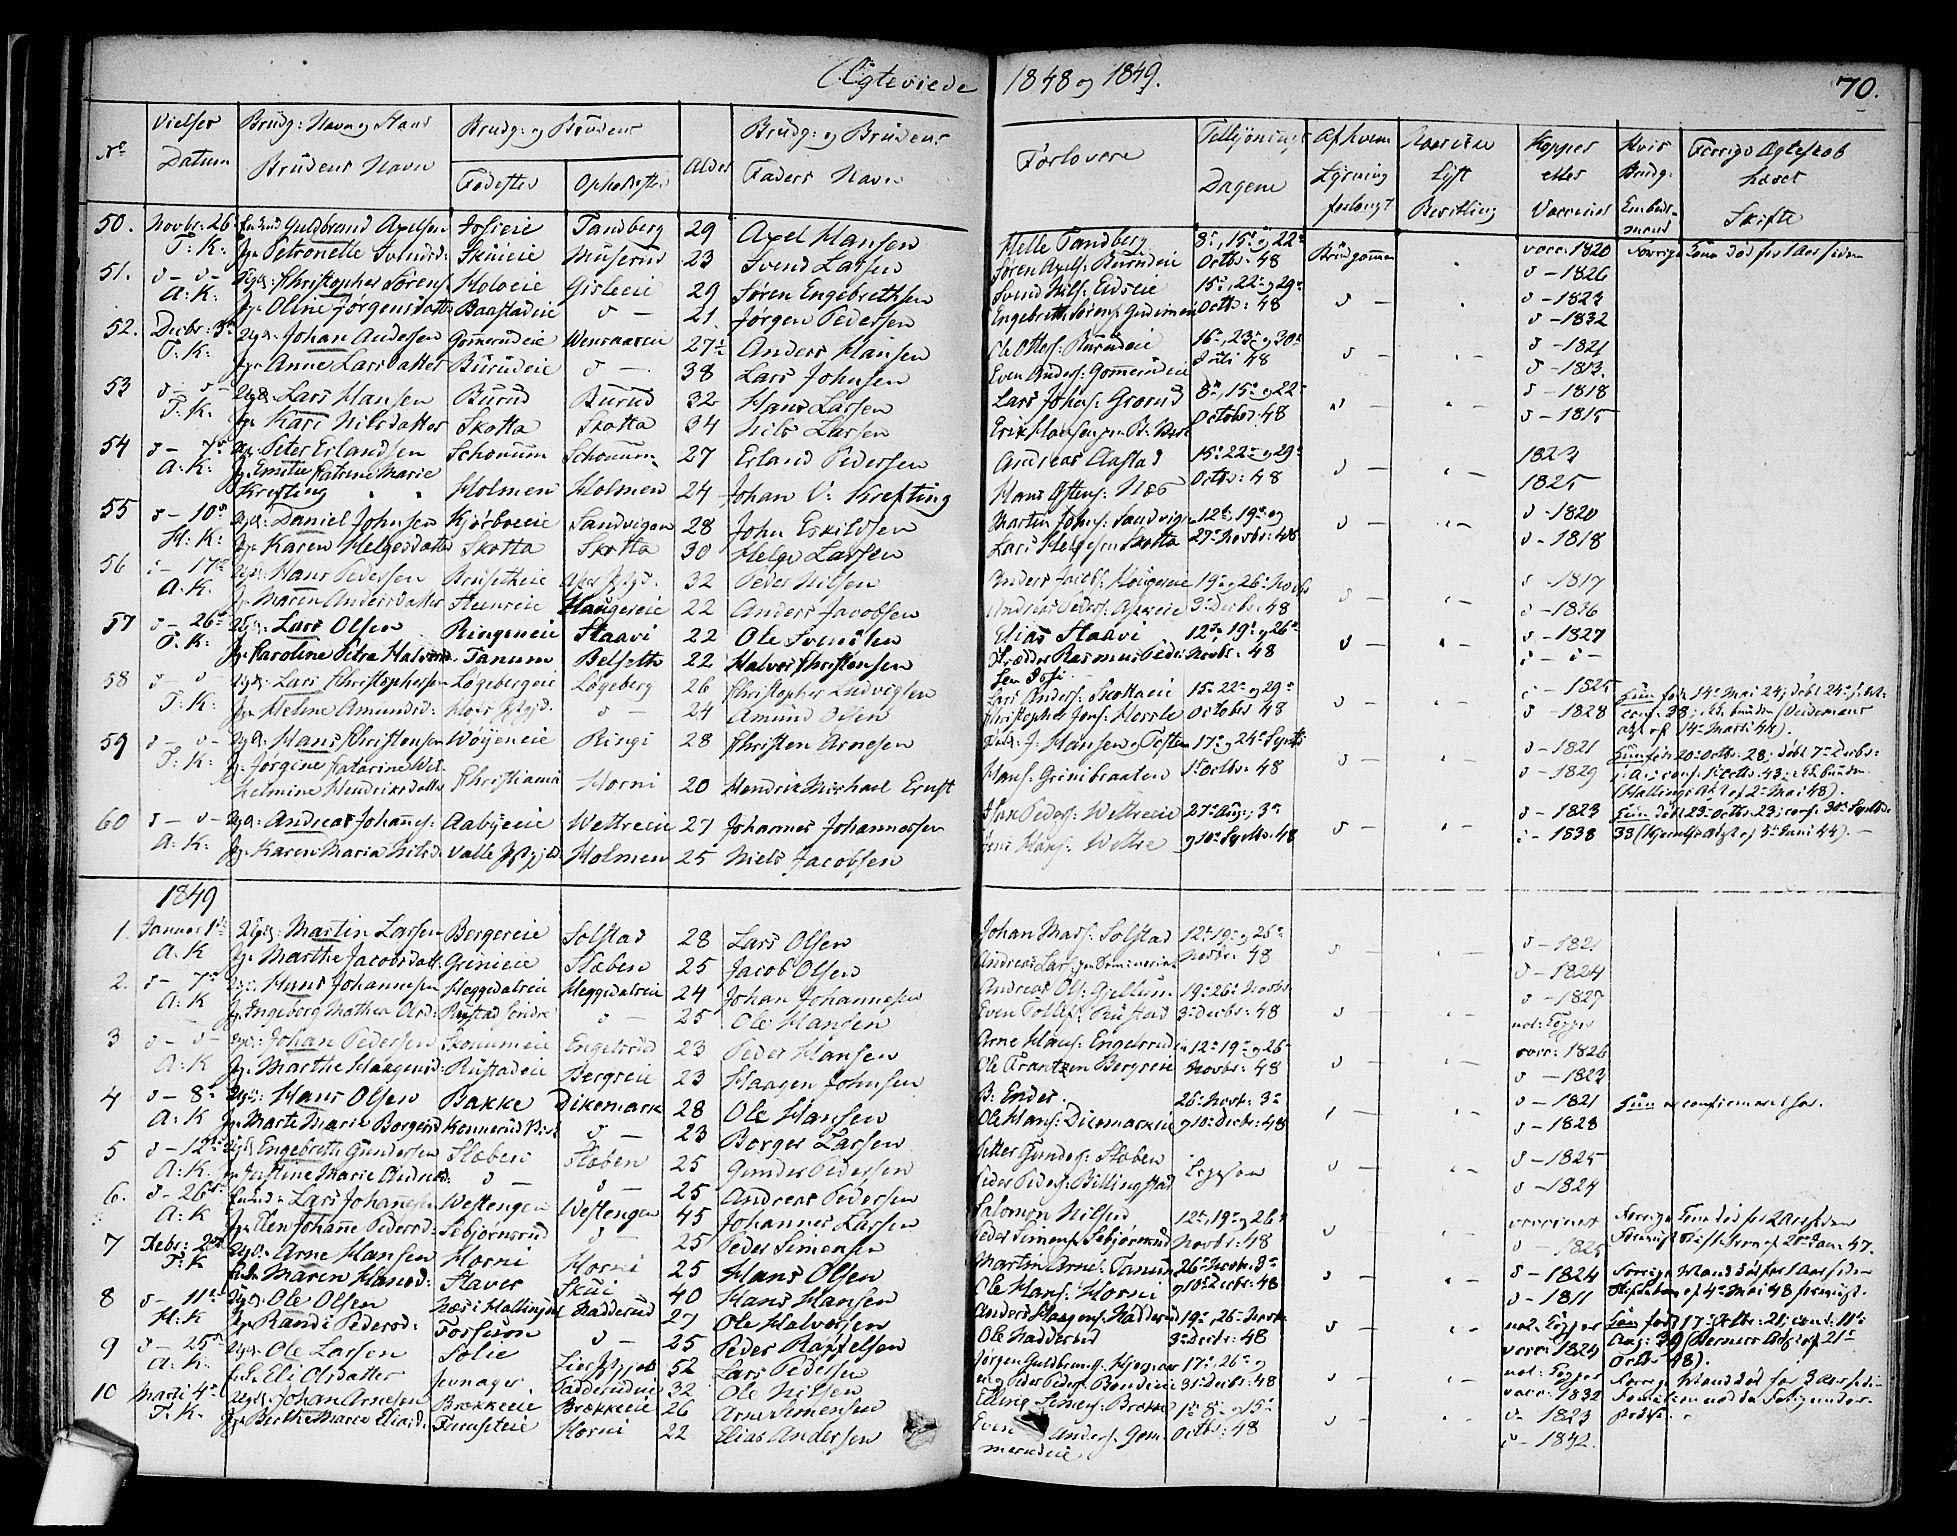 SAO, Asker prestekontor Kirkebøker, F/Fa/L0010: Ministerialbok nr. I 10, 1825-1878, s. 70